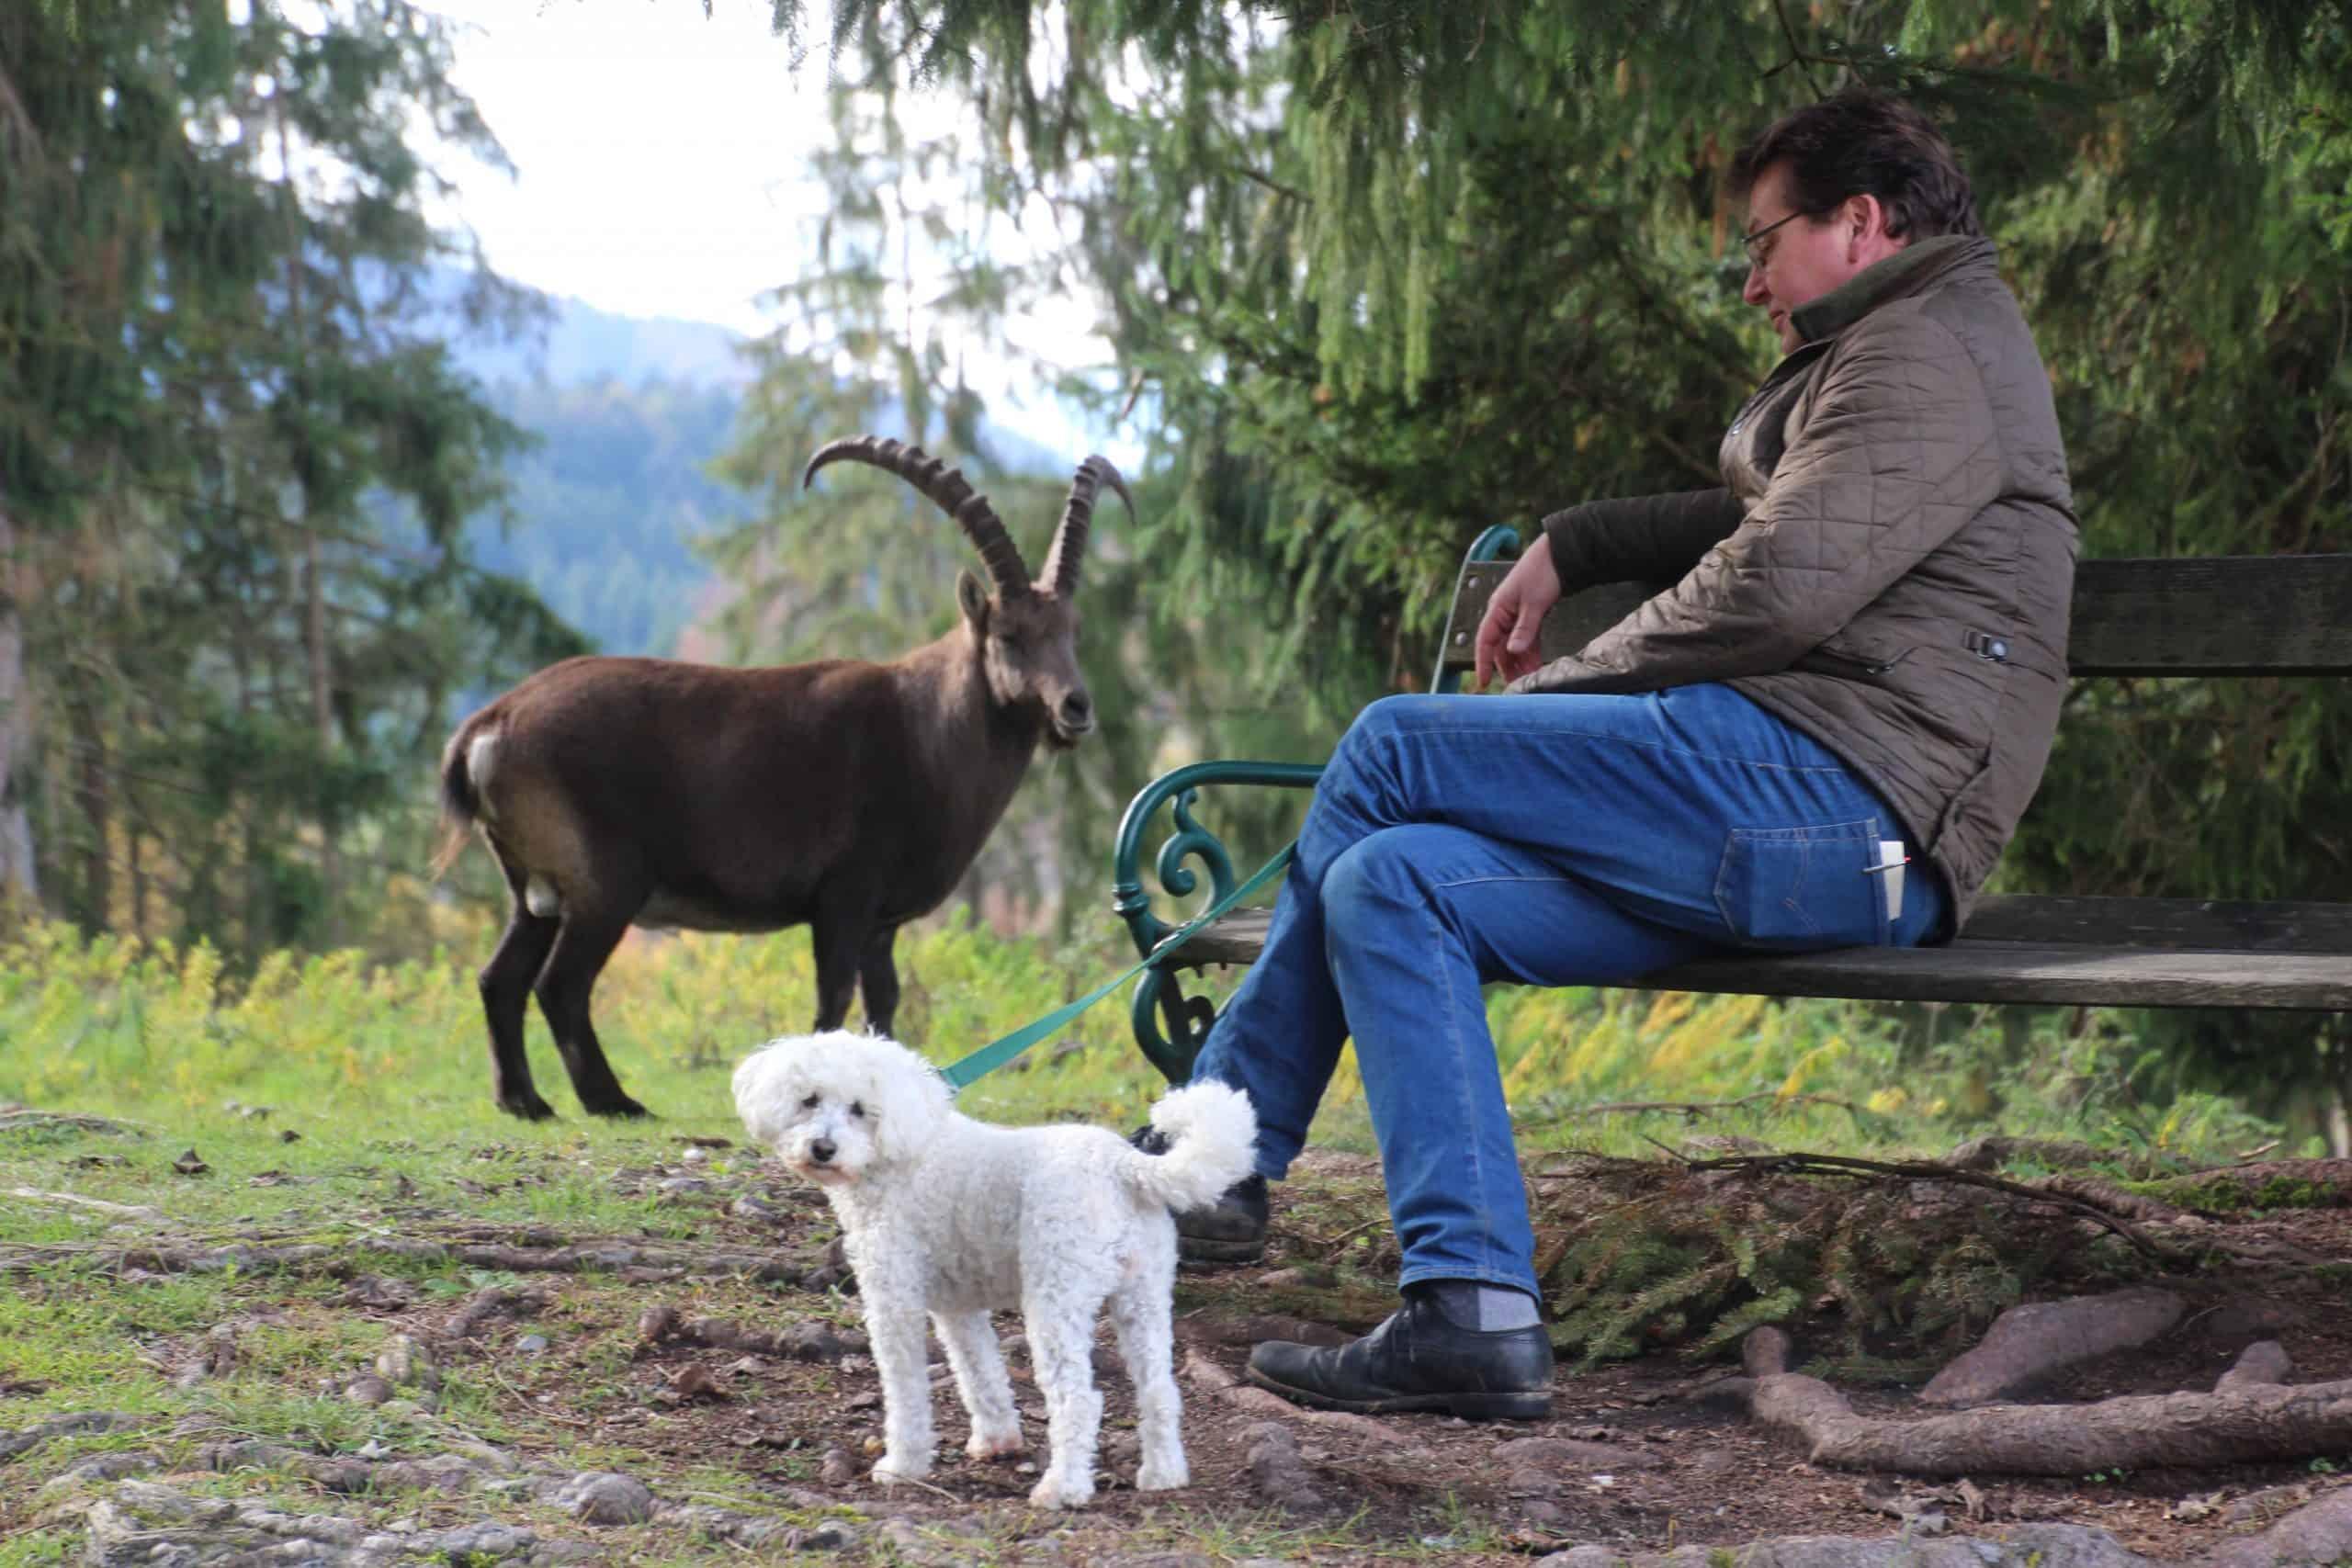 Hunde erlaubt im Tierpark Rosegg Hund Steinbock Besucher